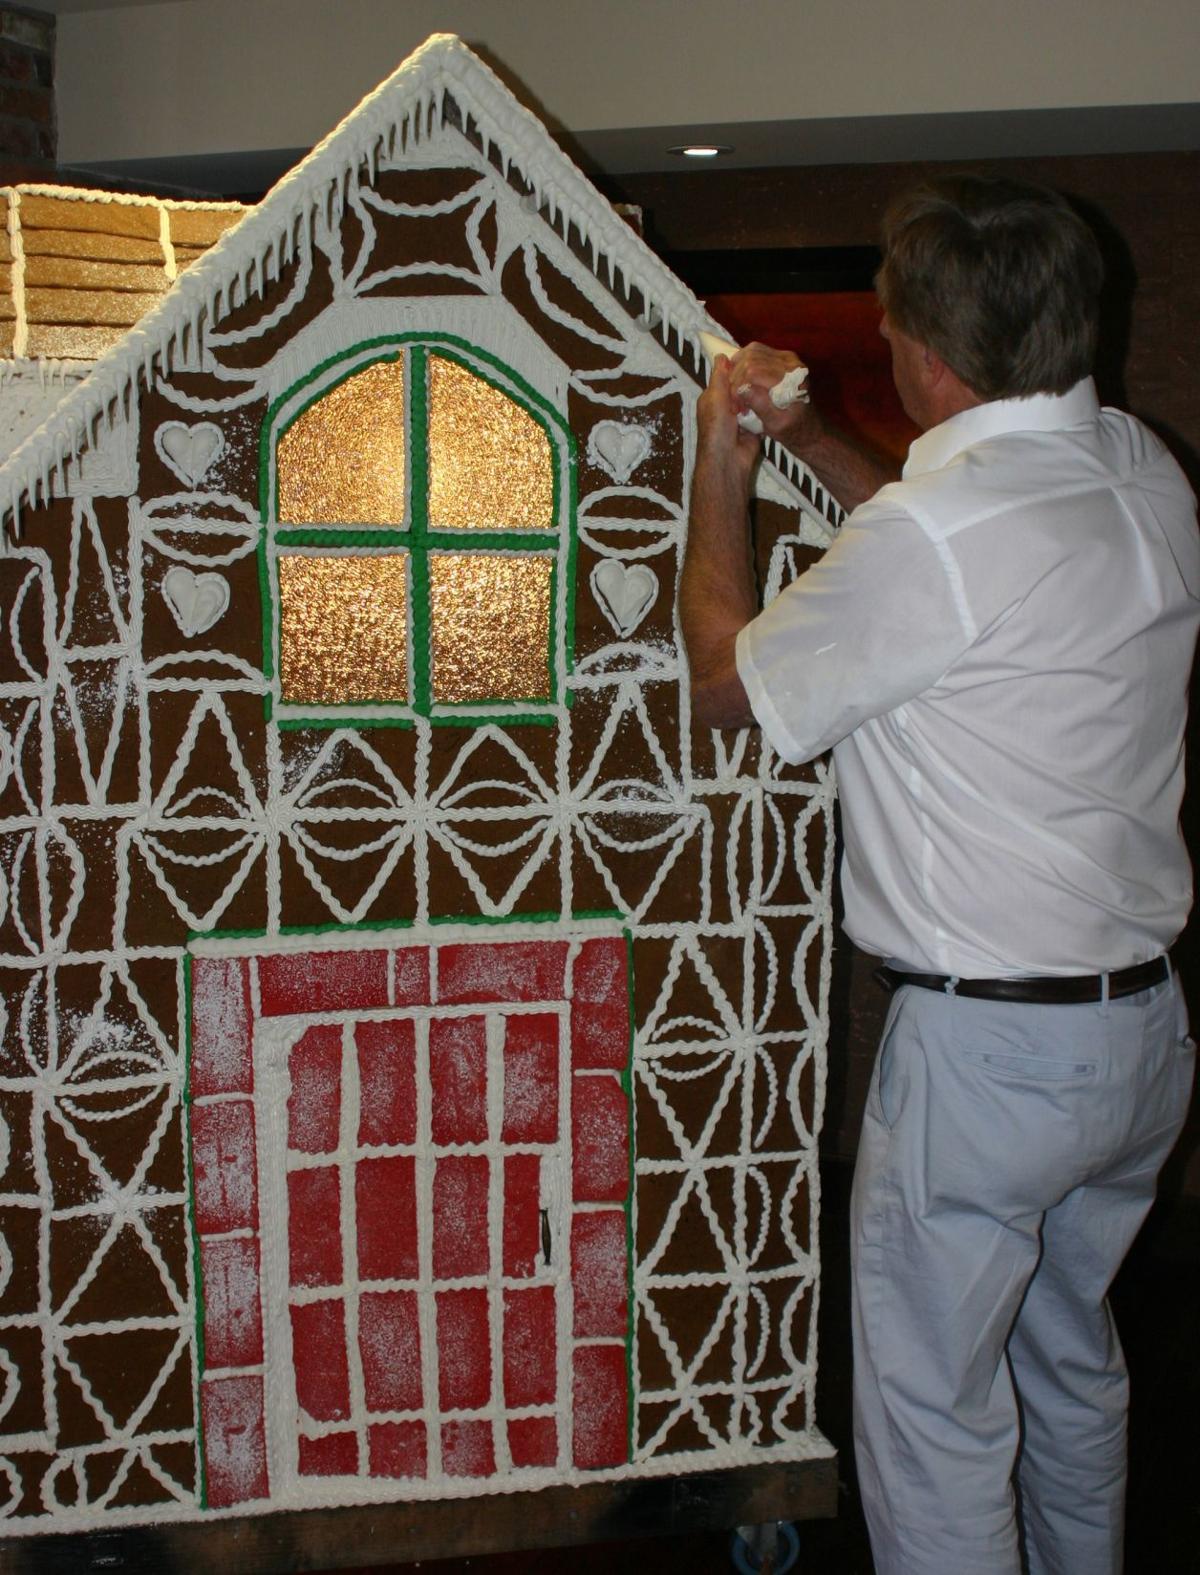 Olsen's gingerbread house